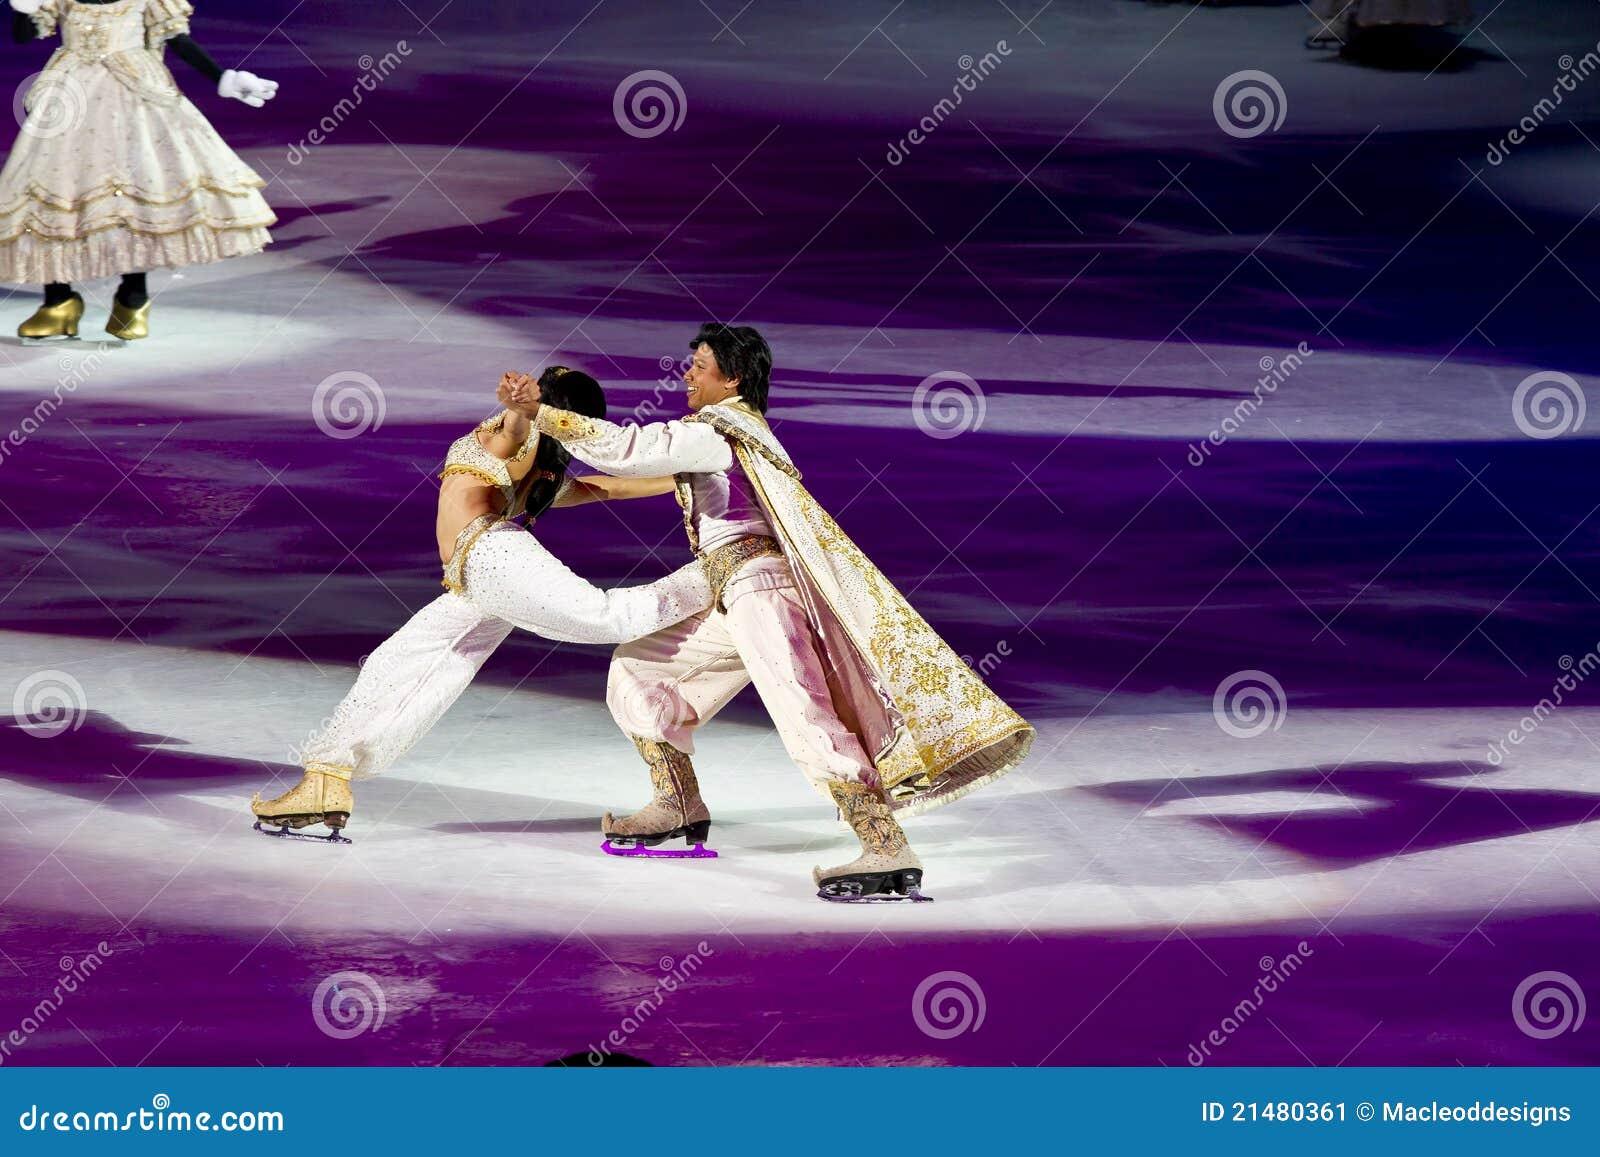 Aladdin Disney lodowy jaśmin